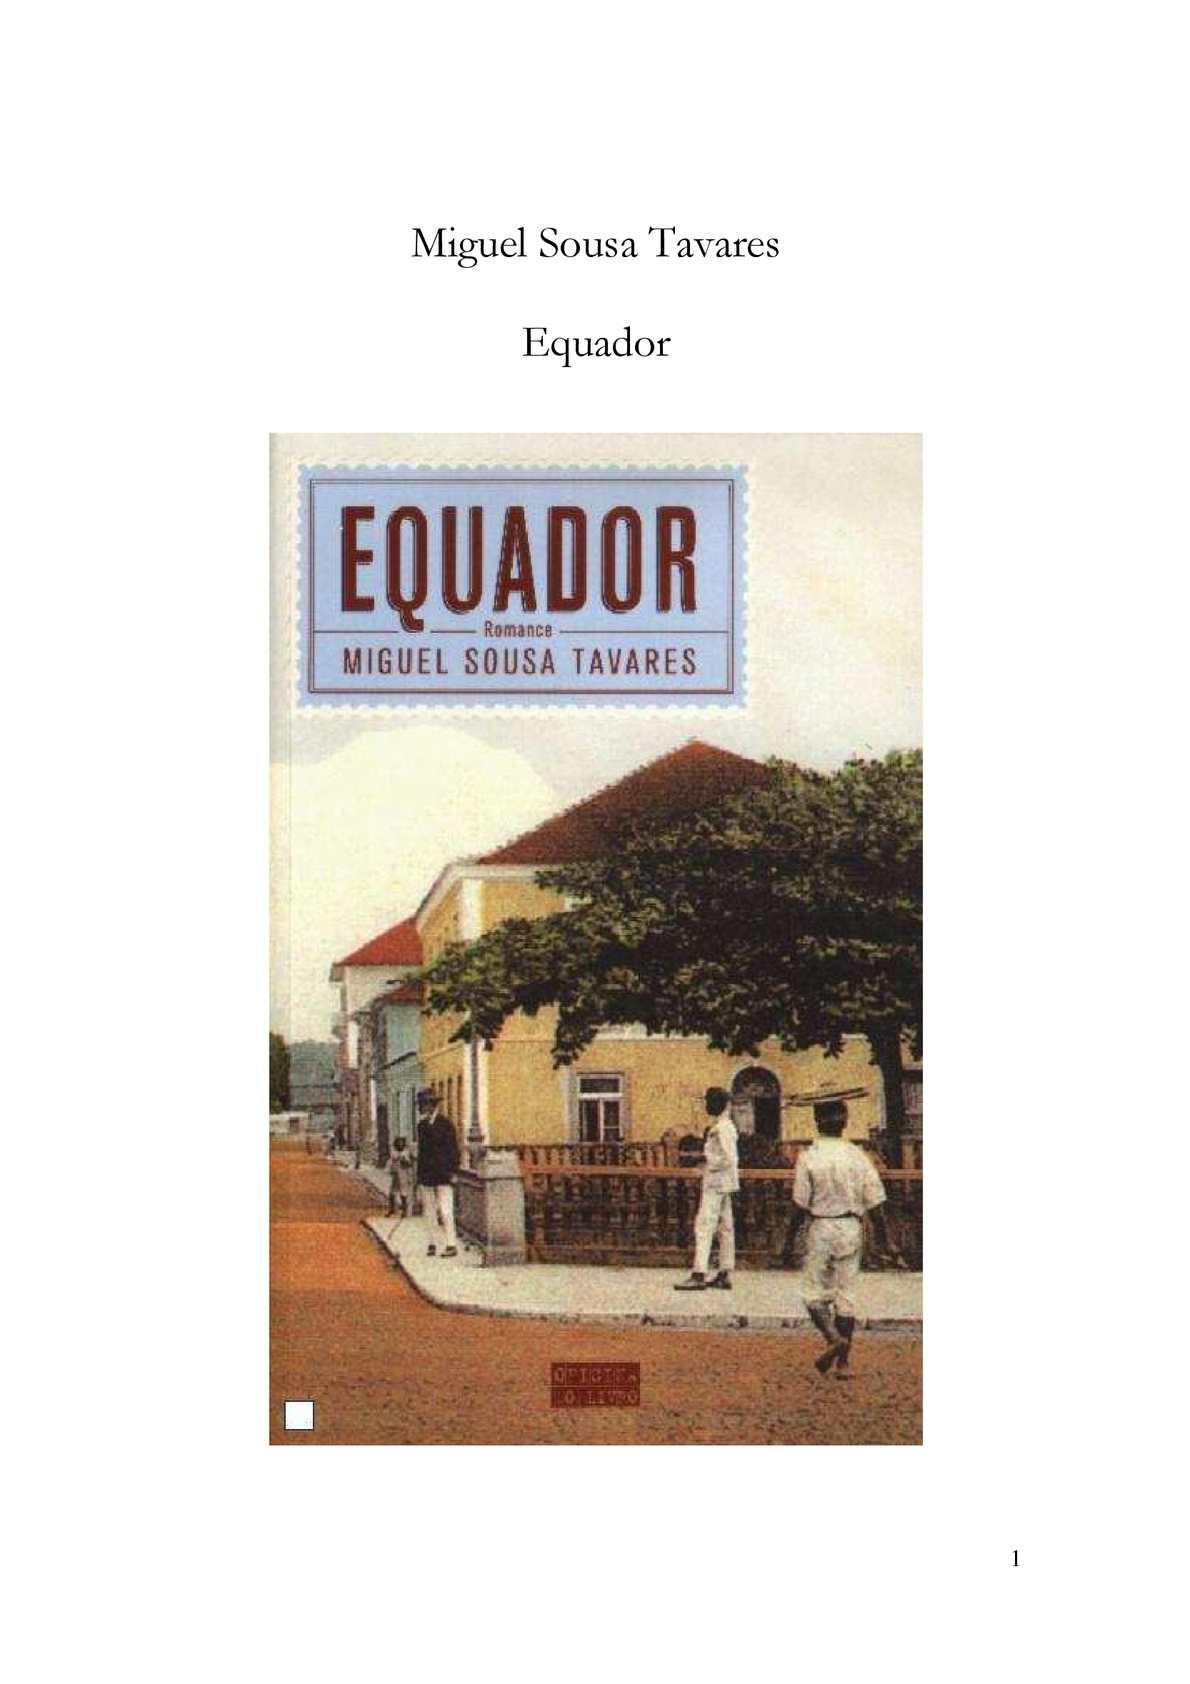 750245166 Calaméo - Miguel Sousa Tavares - Equador